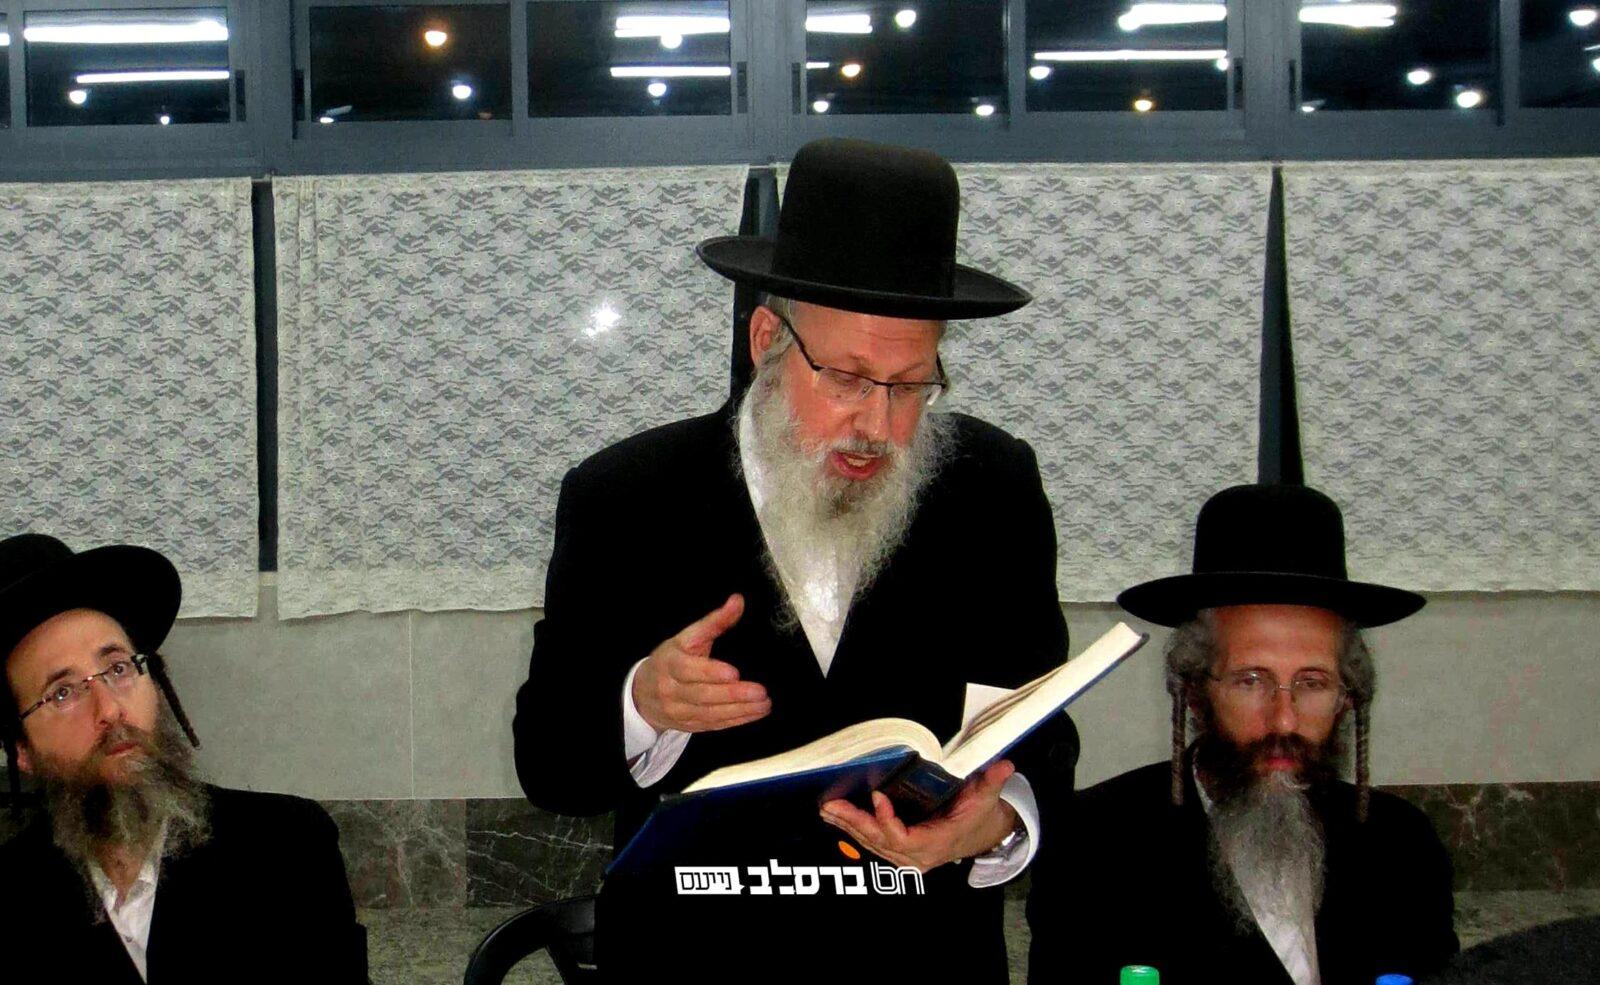 בית שמש • סיום מסכת שבת והתחלת מסכת עירובין בבית הכנסת ברסלב בקריה החרדית